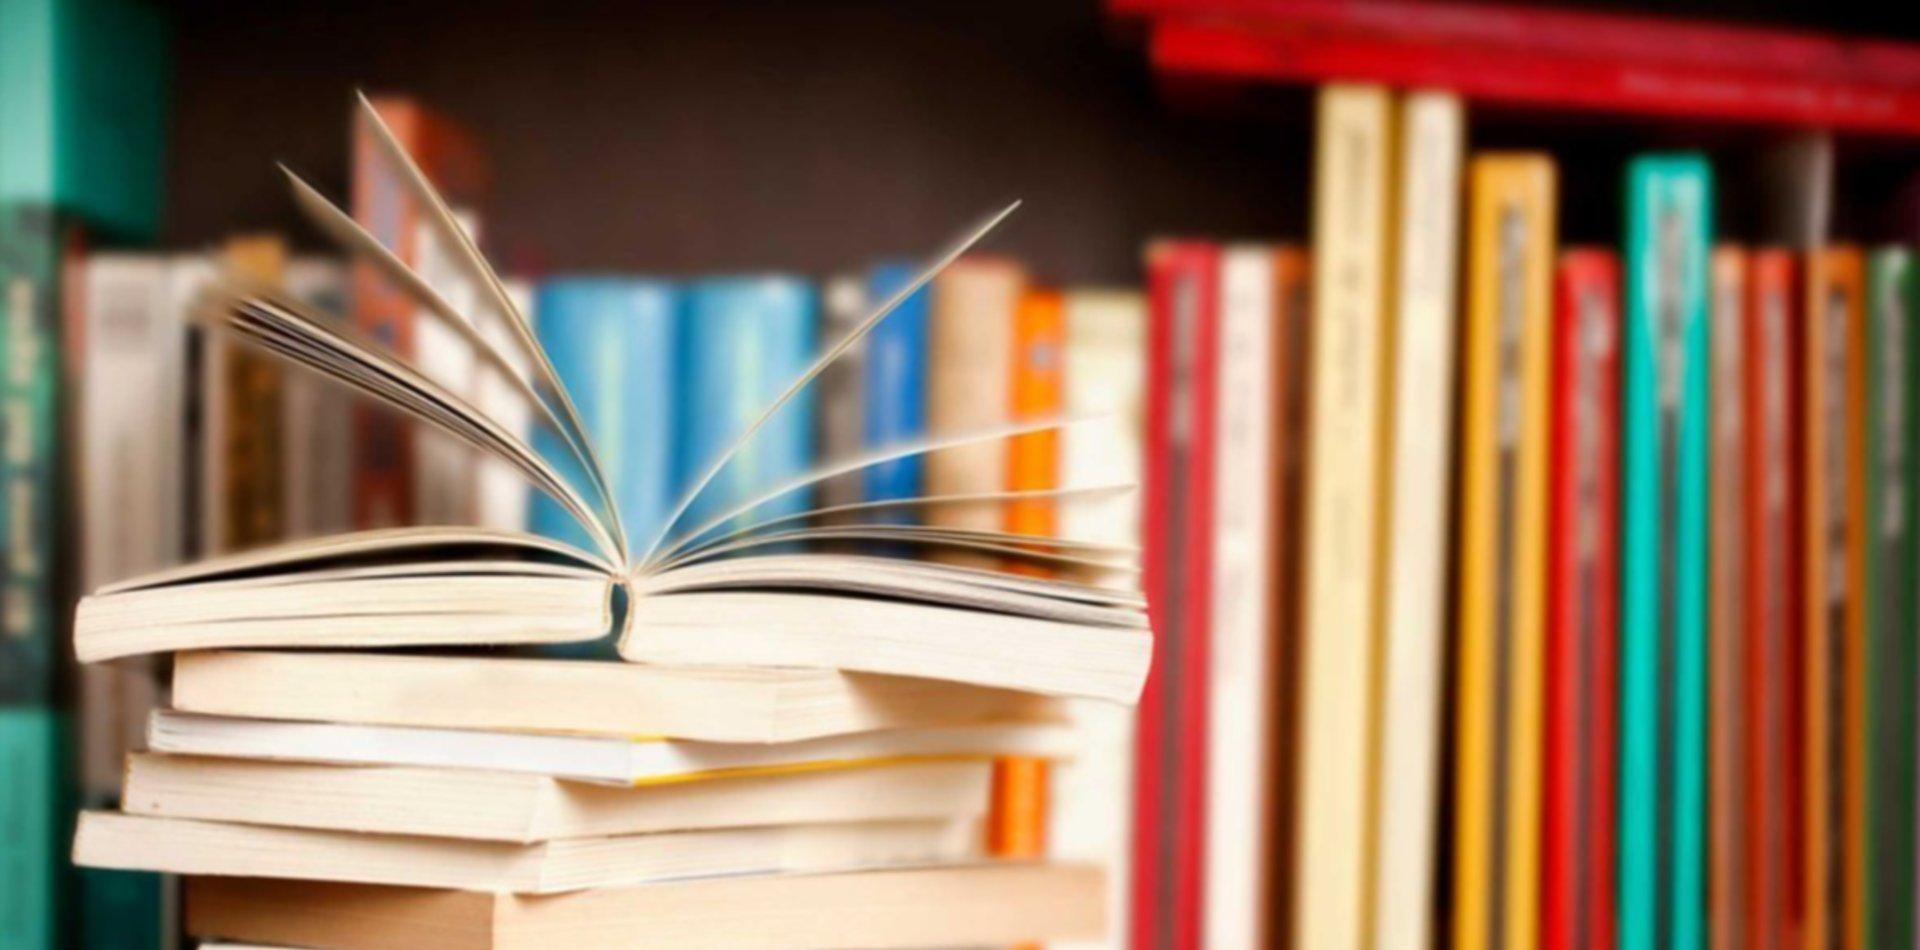 ¿Tenés libros para donar? La facultad de Humanidades los junta y distribuye en cárceles